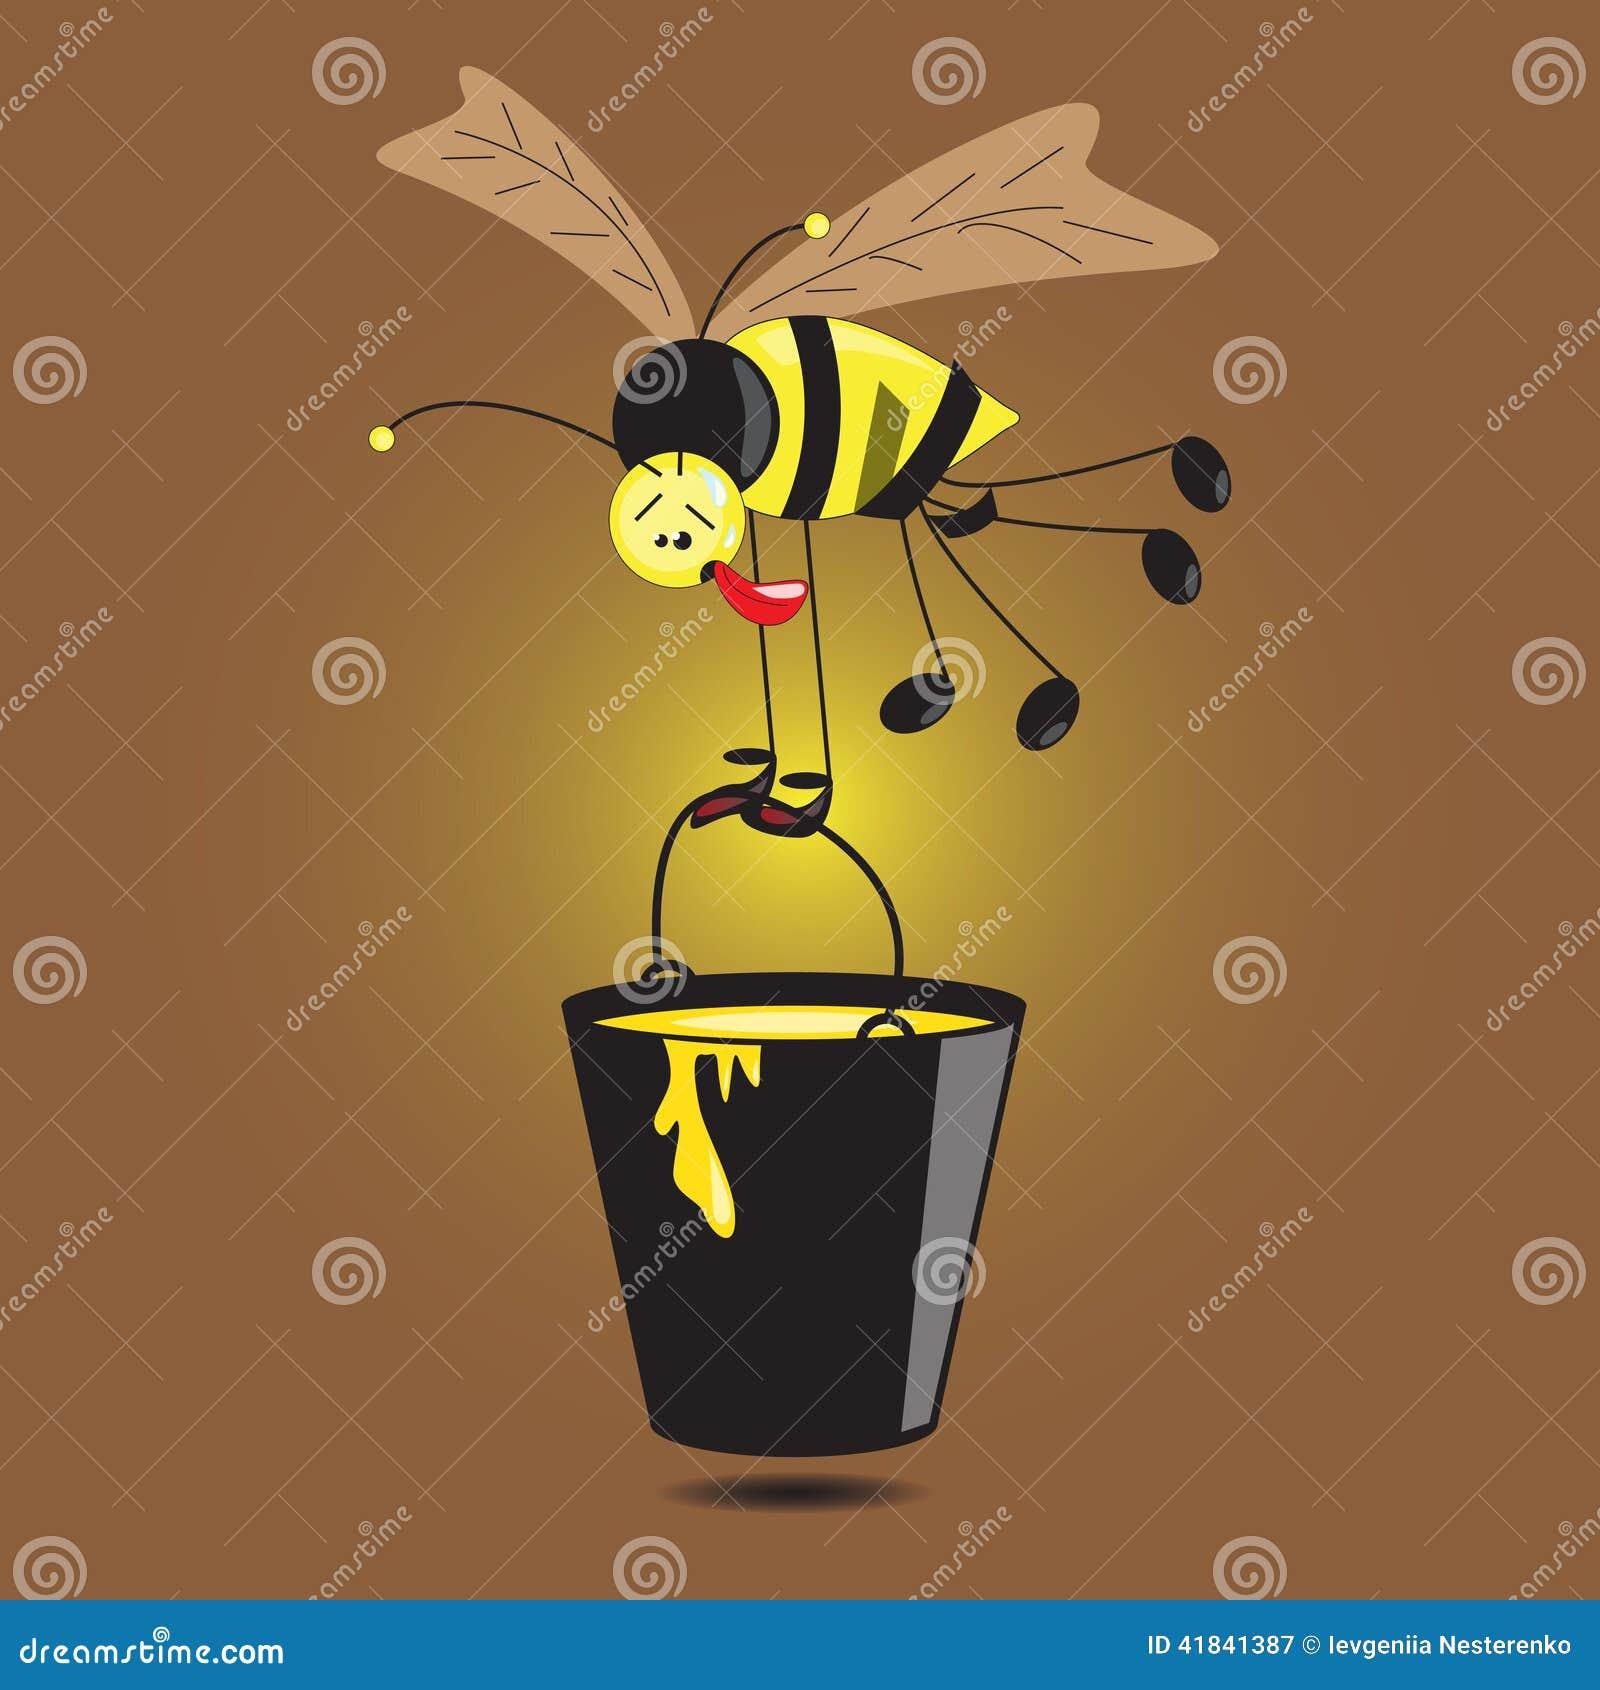 Hardworking Bee Stock Vector - Image: 41841387